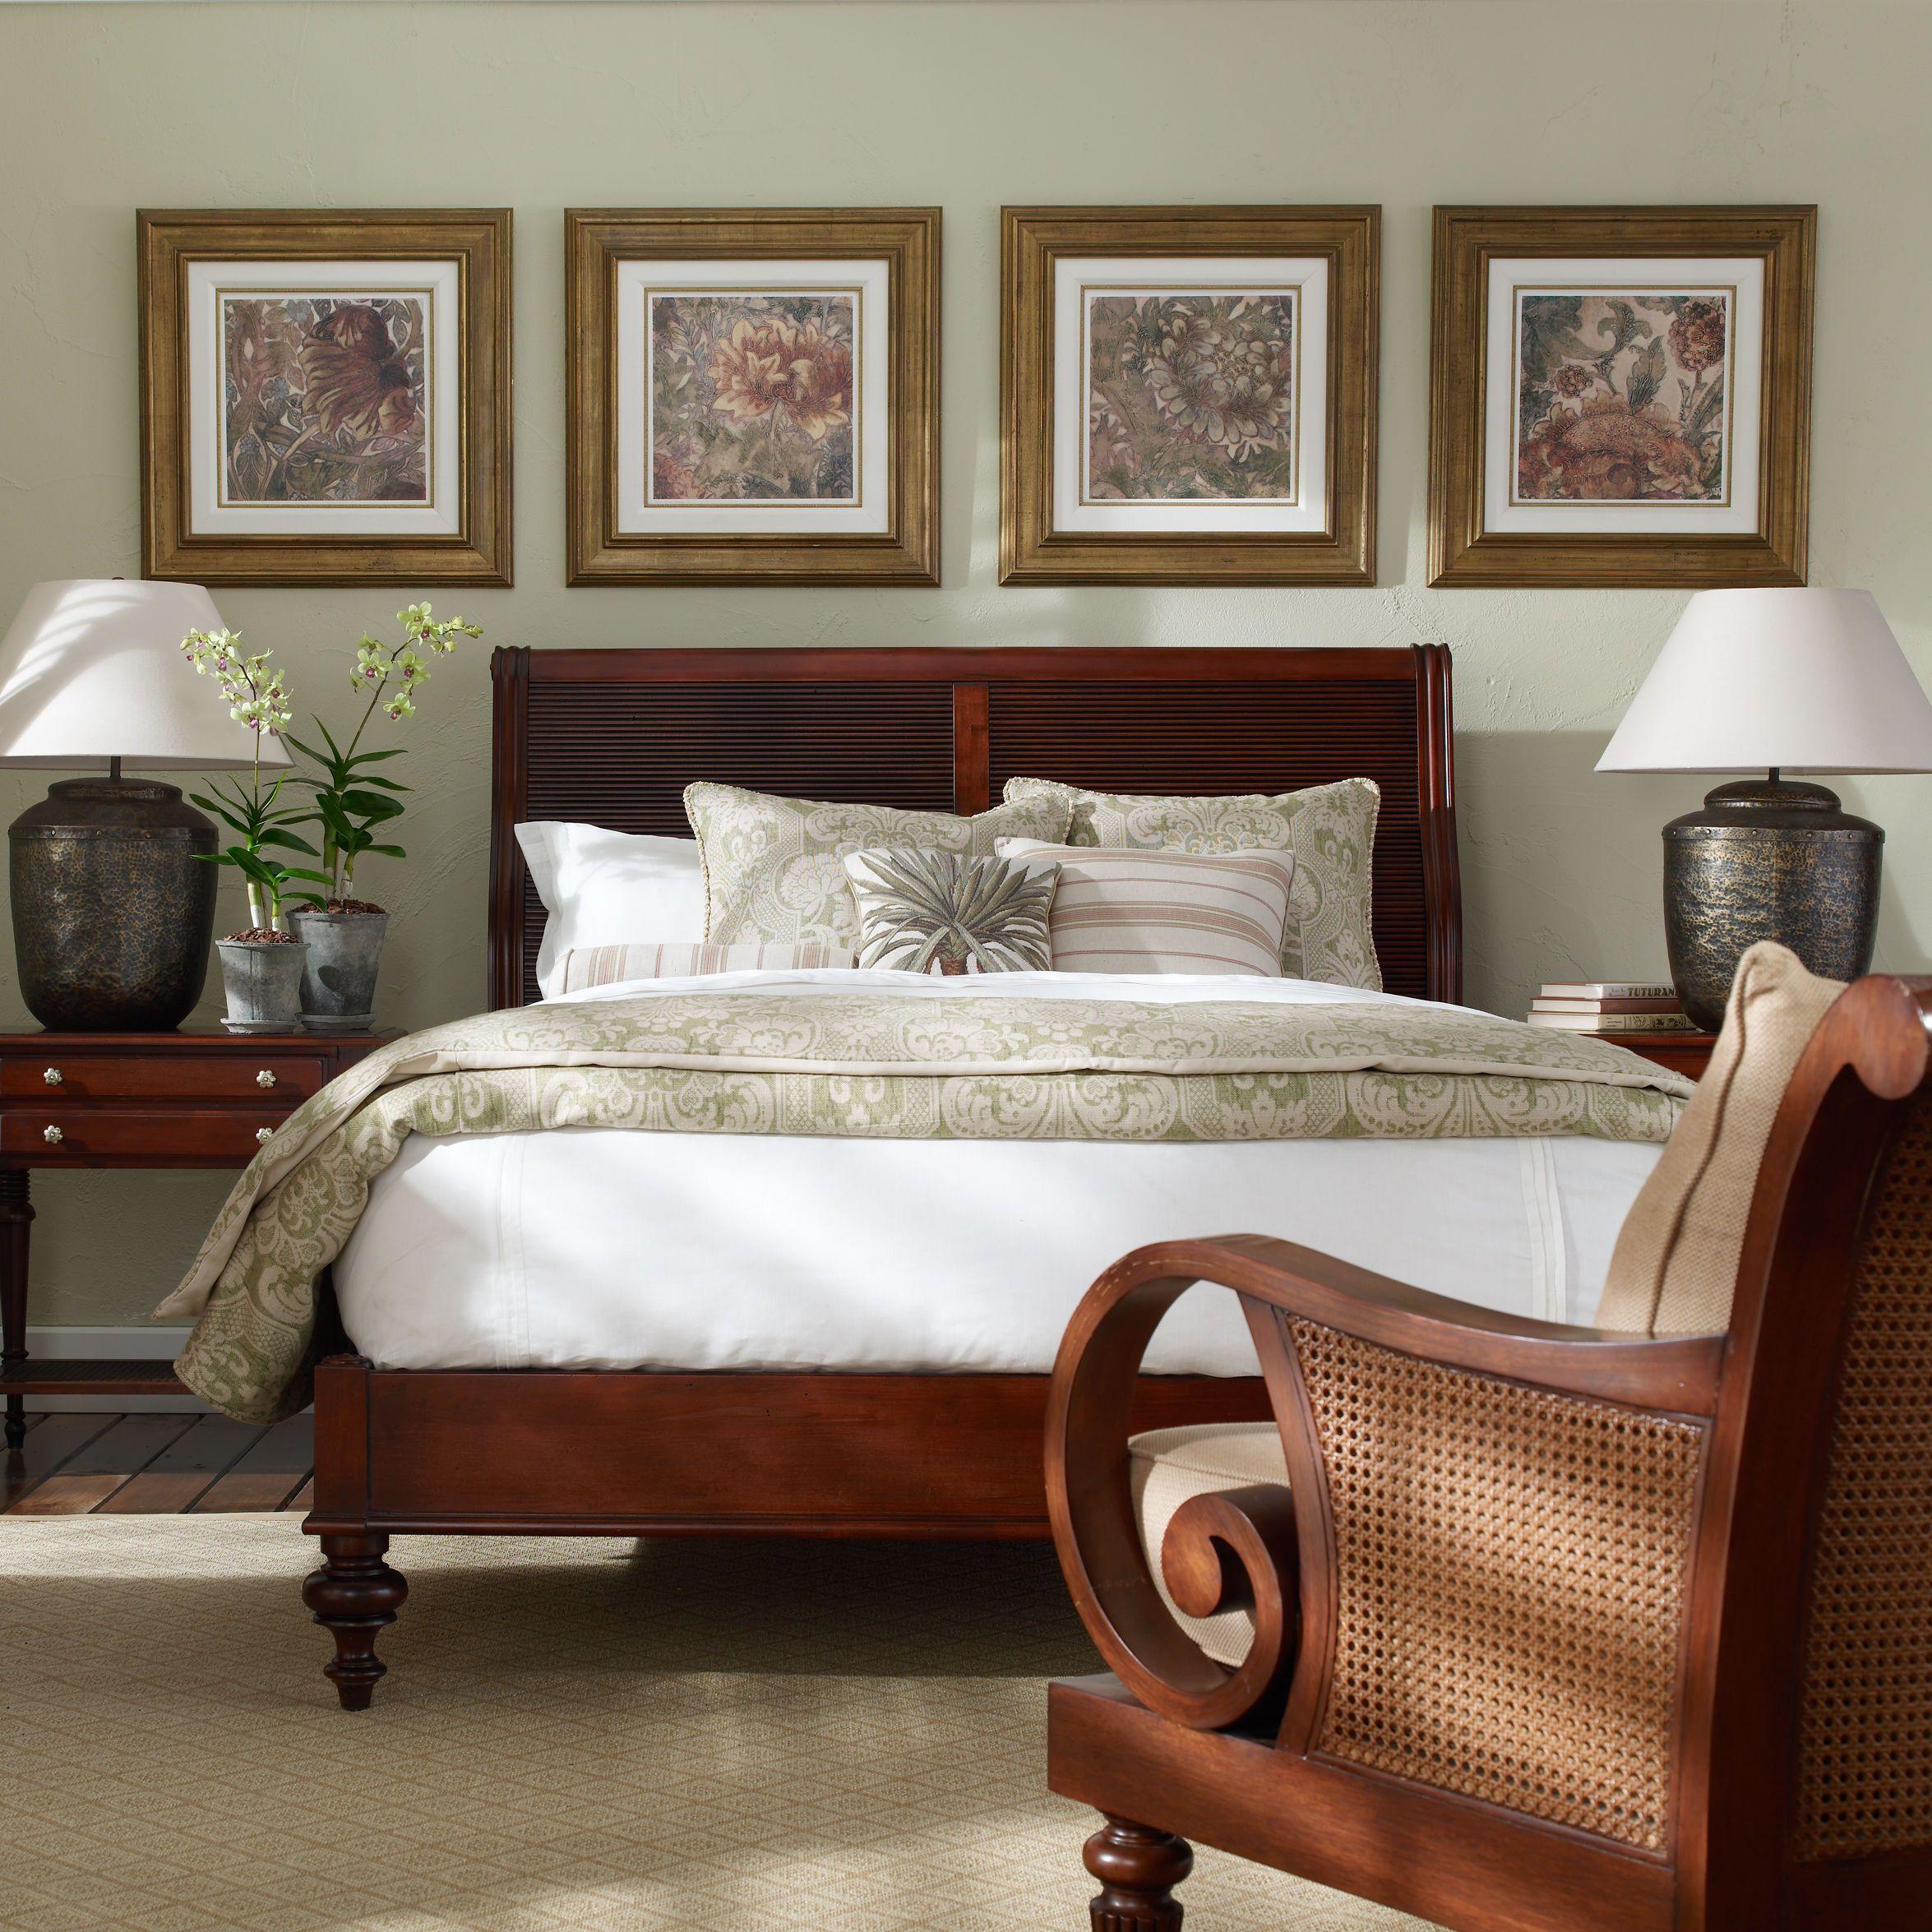 cayman bed master bedroom interior